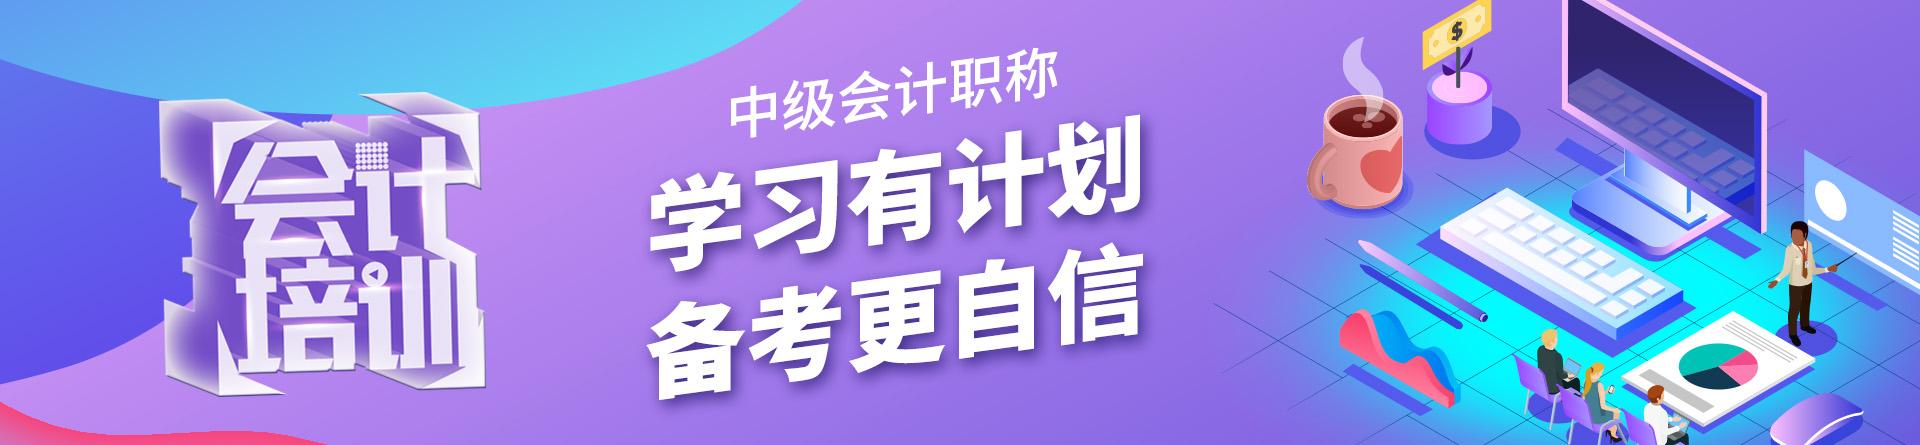 江苏无锡优路教育培训学校